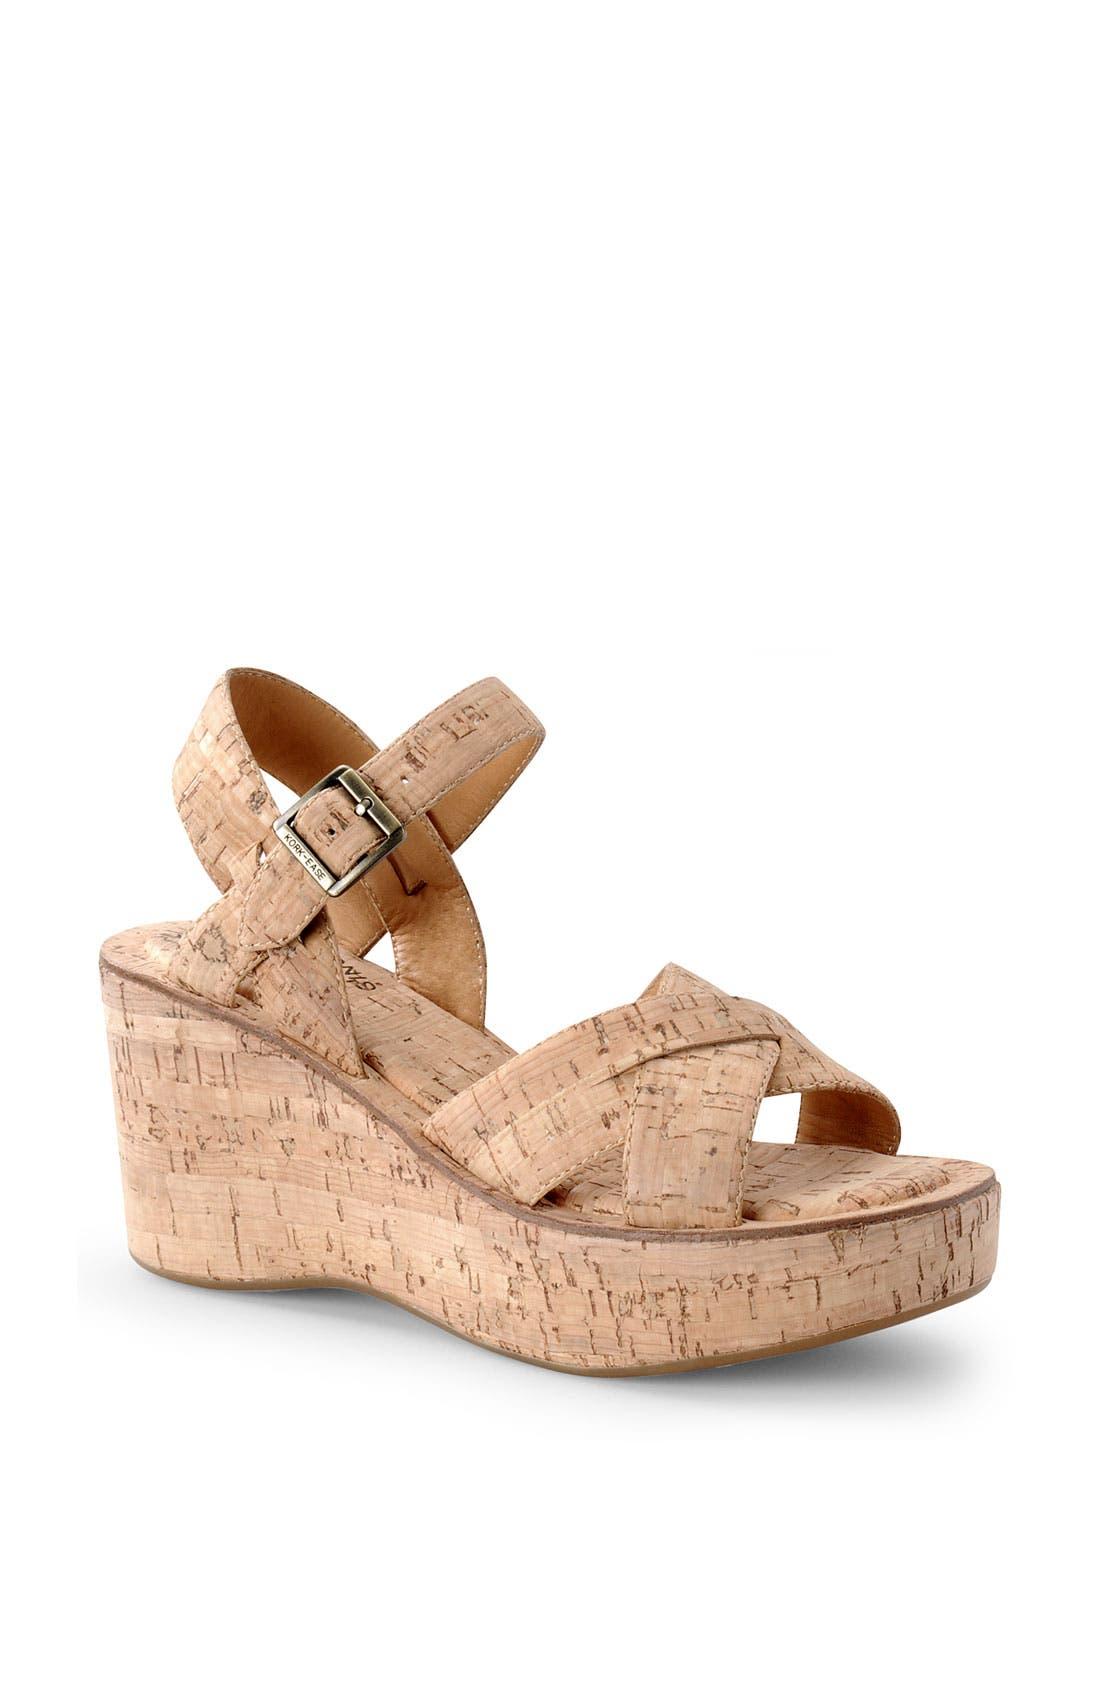 Main Image - Kork-Ease 'Ava' Wedge Sandal